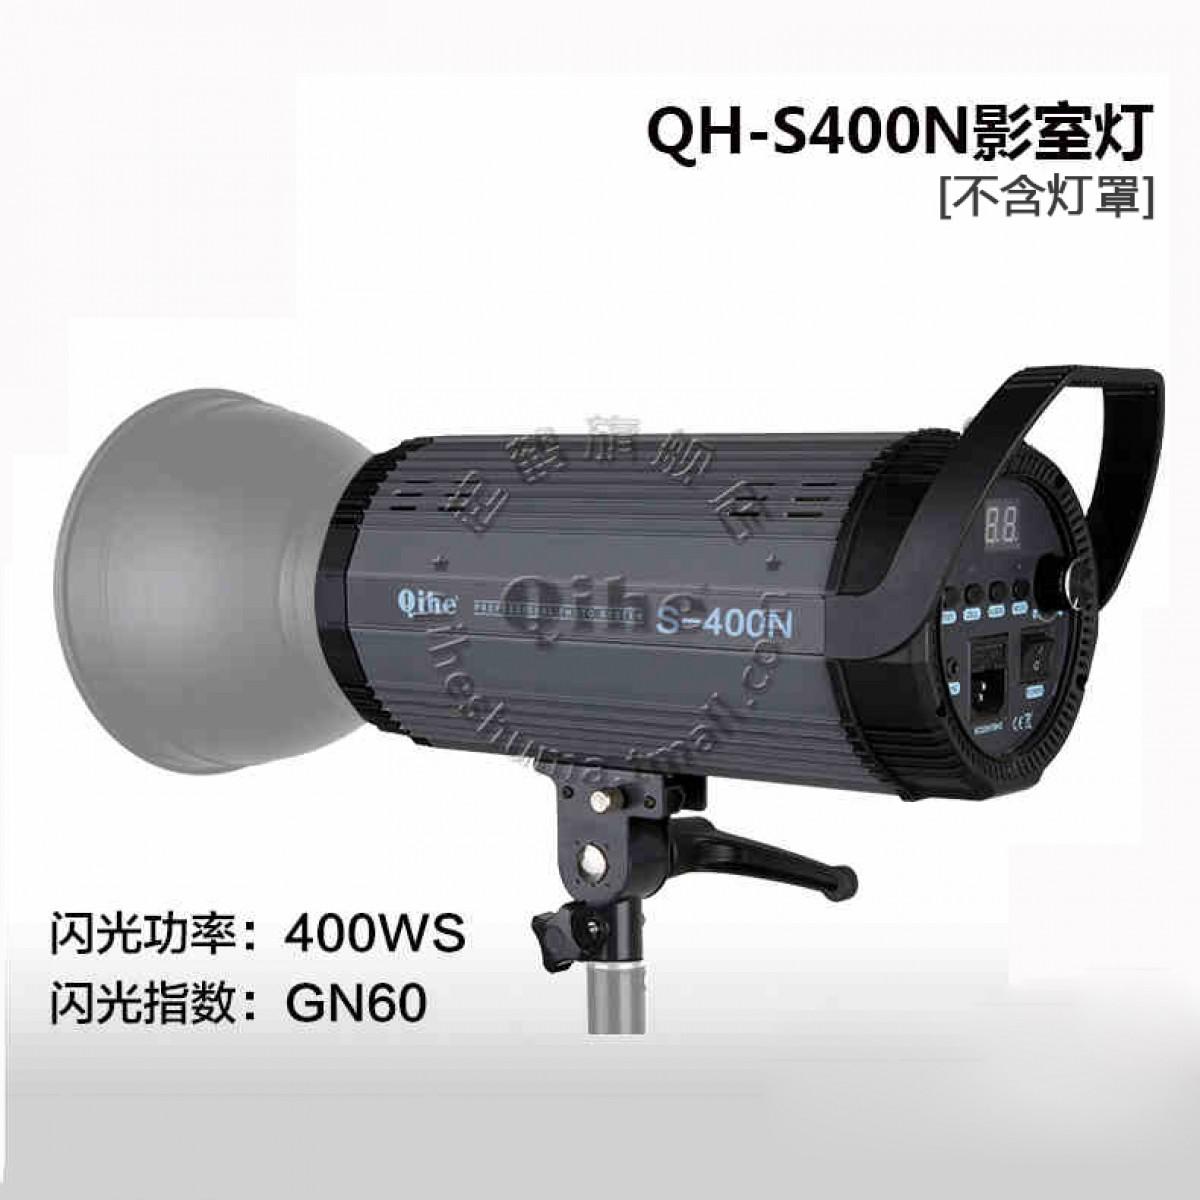 Qihe起鹤牌 QH-S400N影视闪光灯